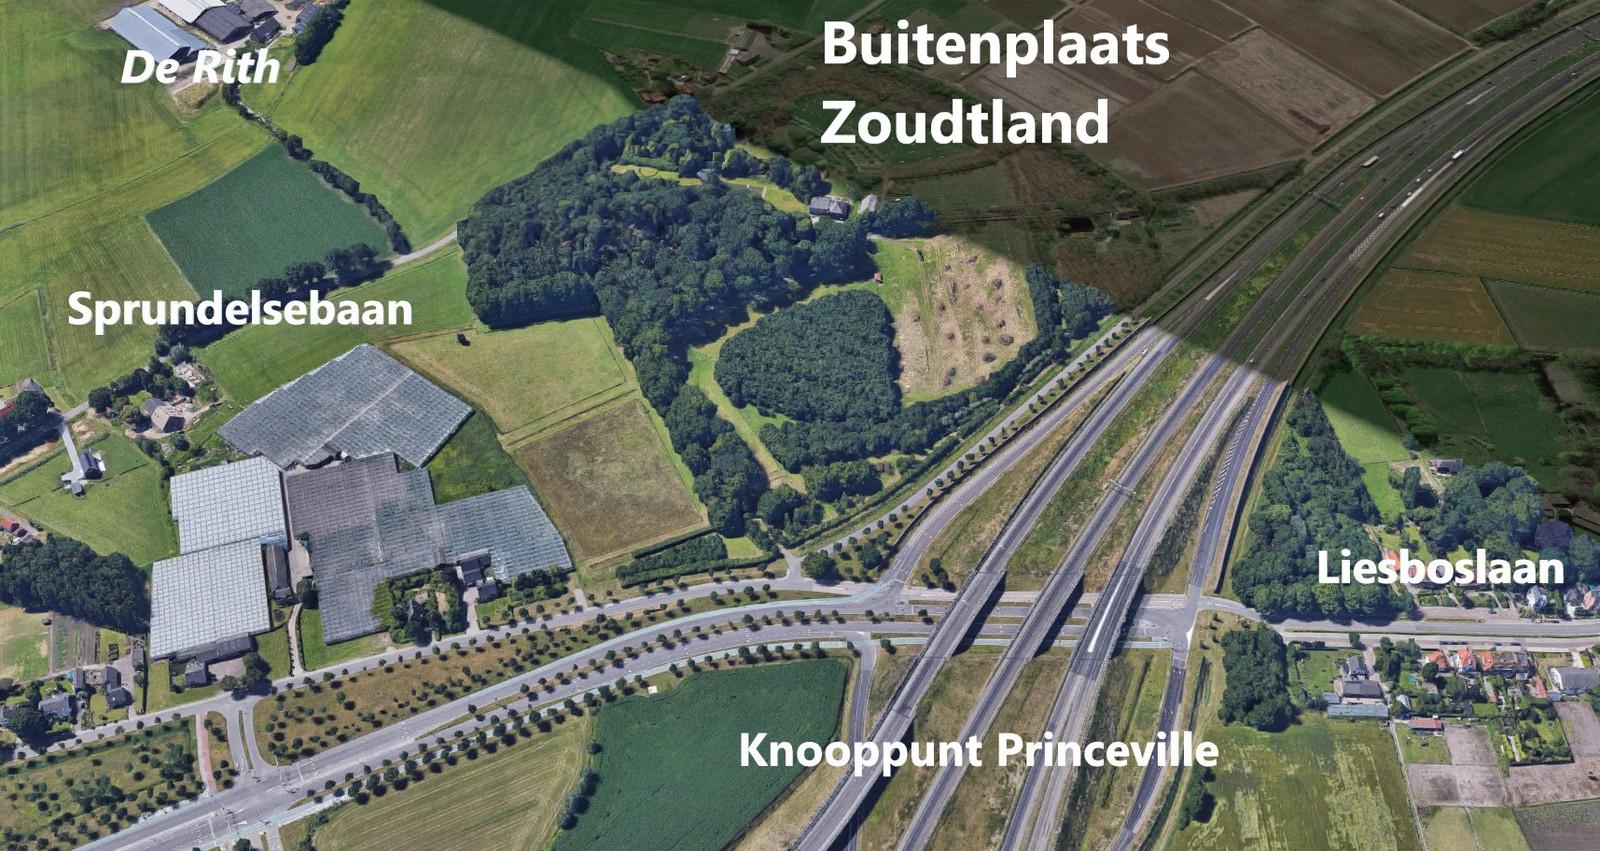 De buitenplaats Zoudtland ten westen van Breda.